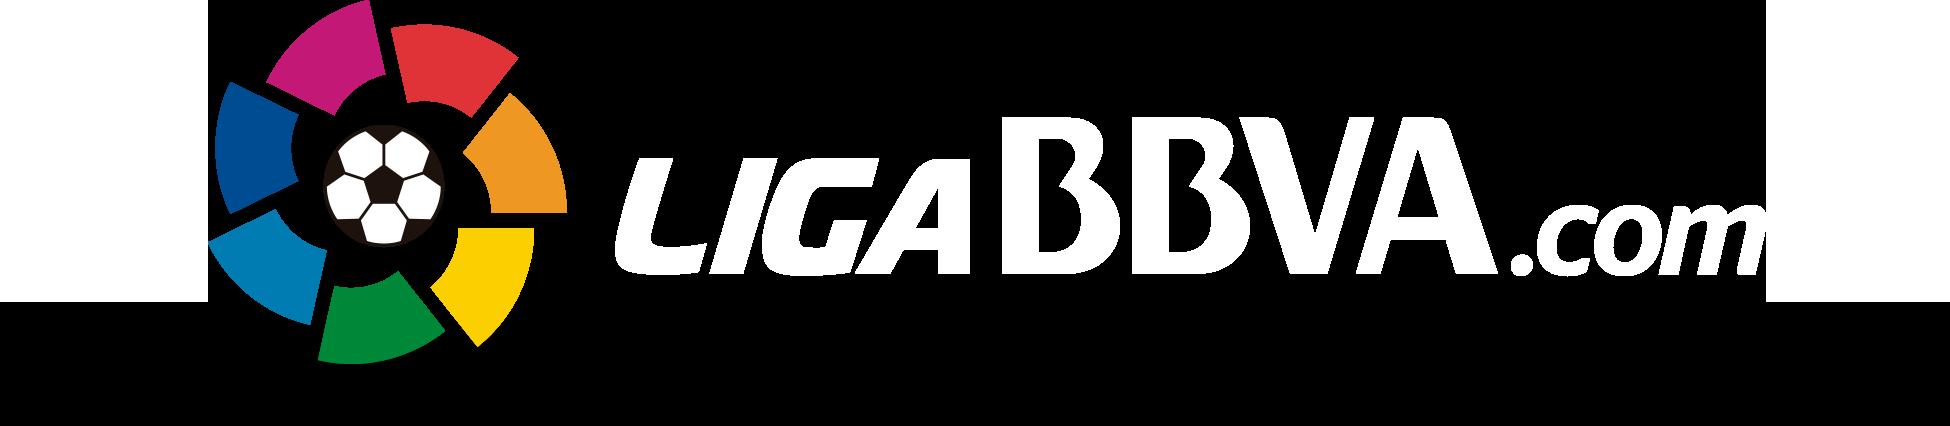 LigaBBVA.com